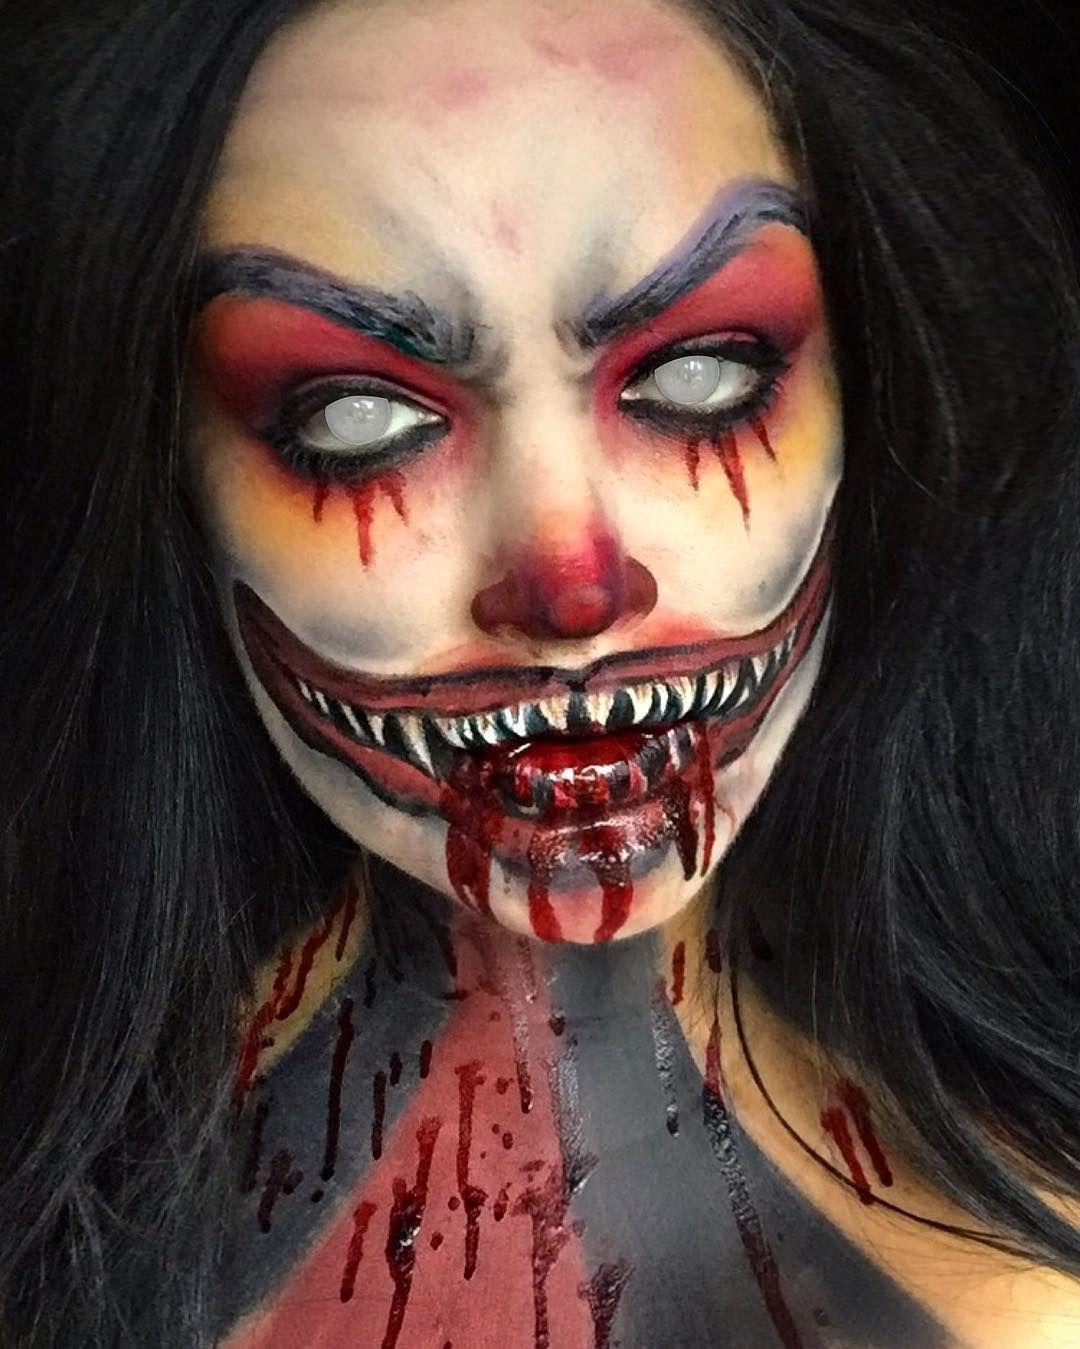 Clown Clownmakeup Scaryclownmakeup Halloween Kostumideen